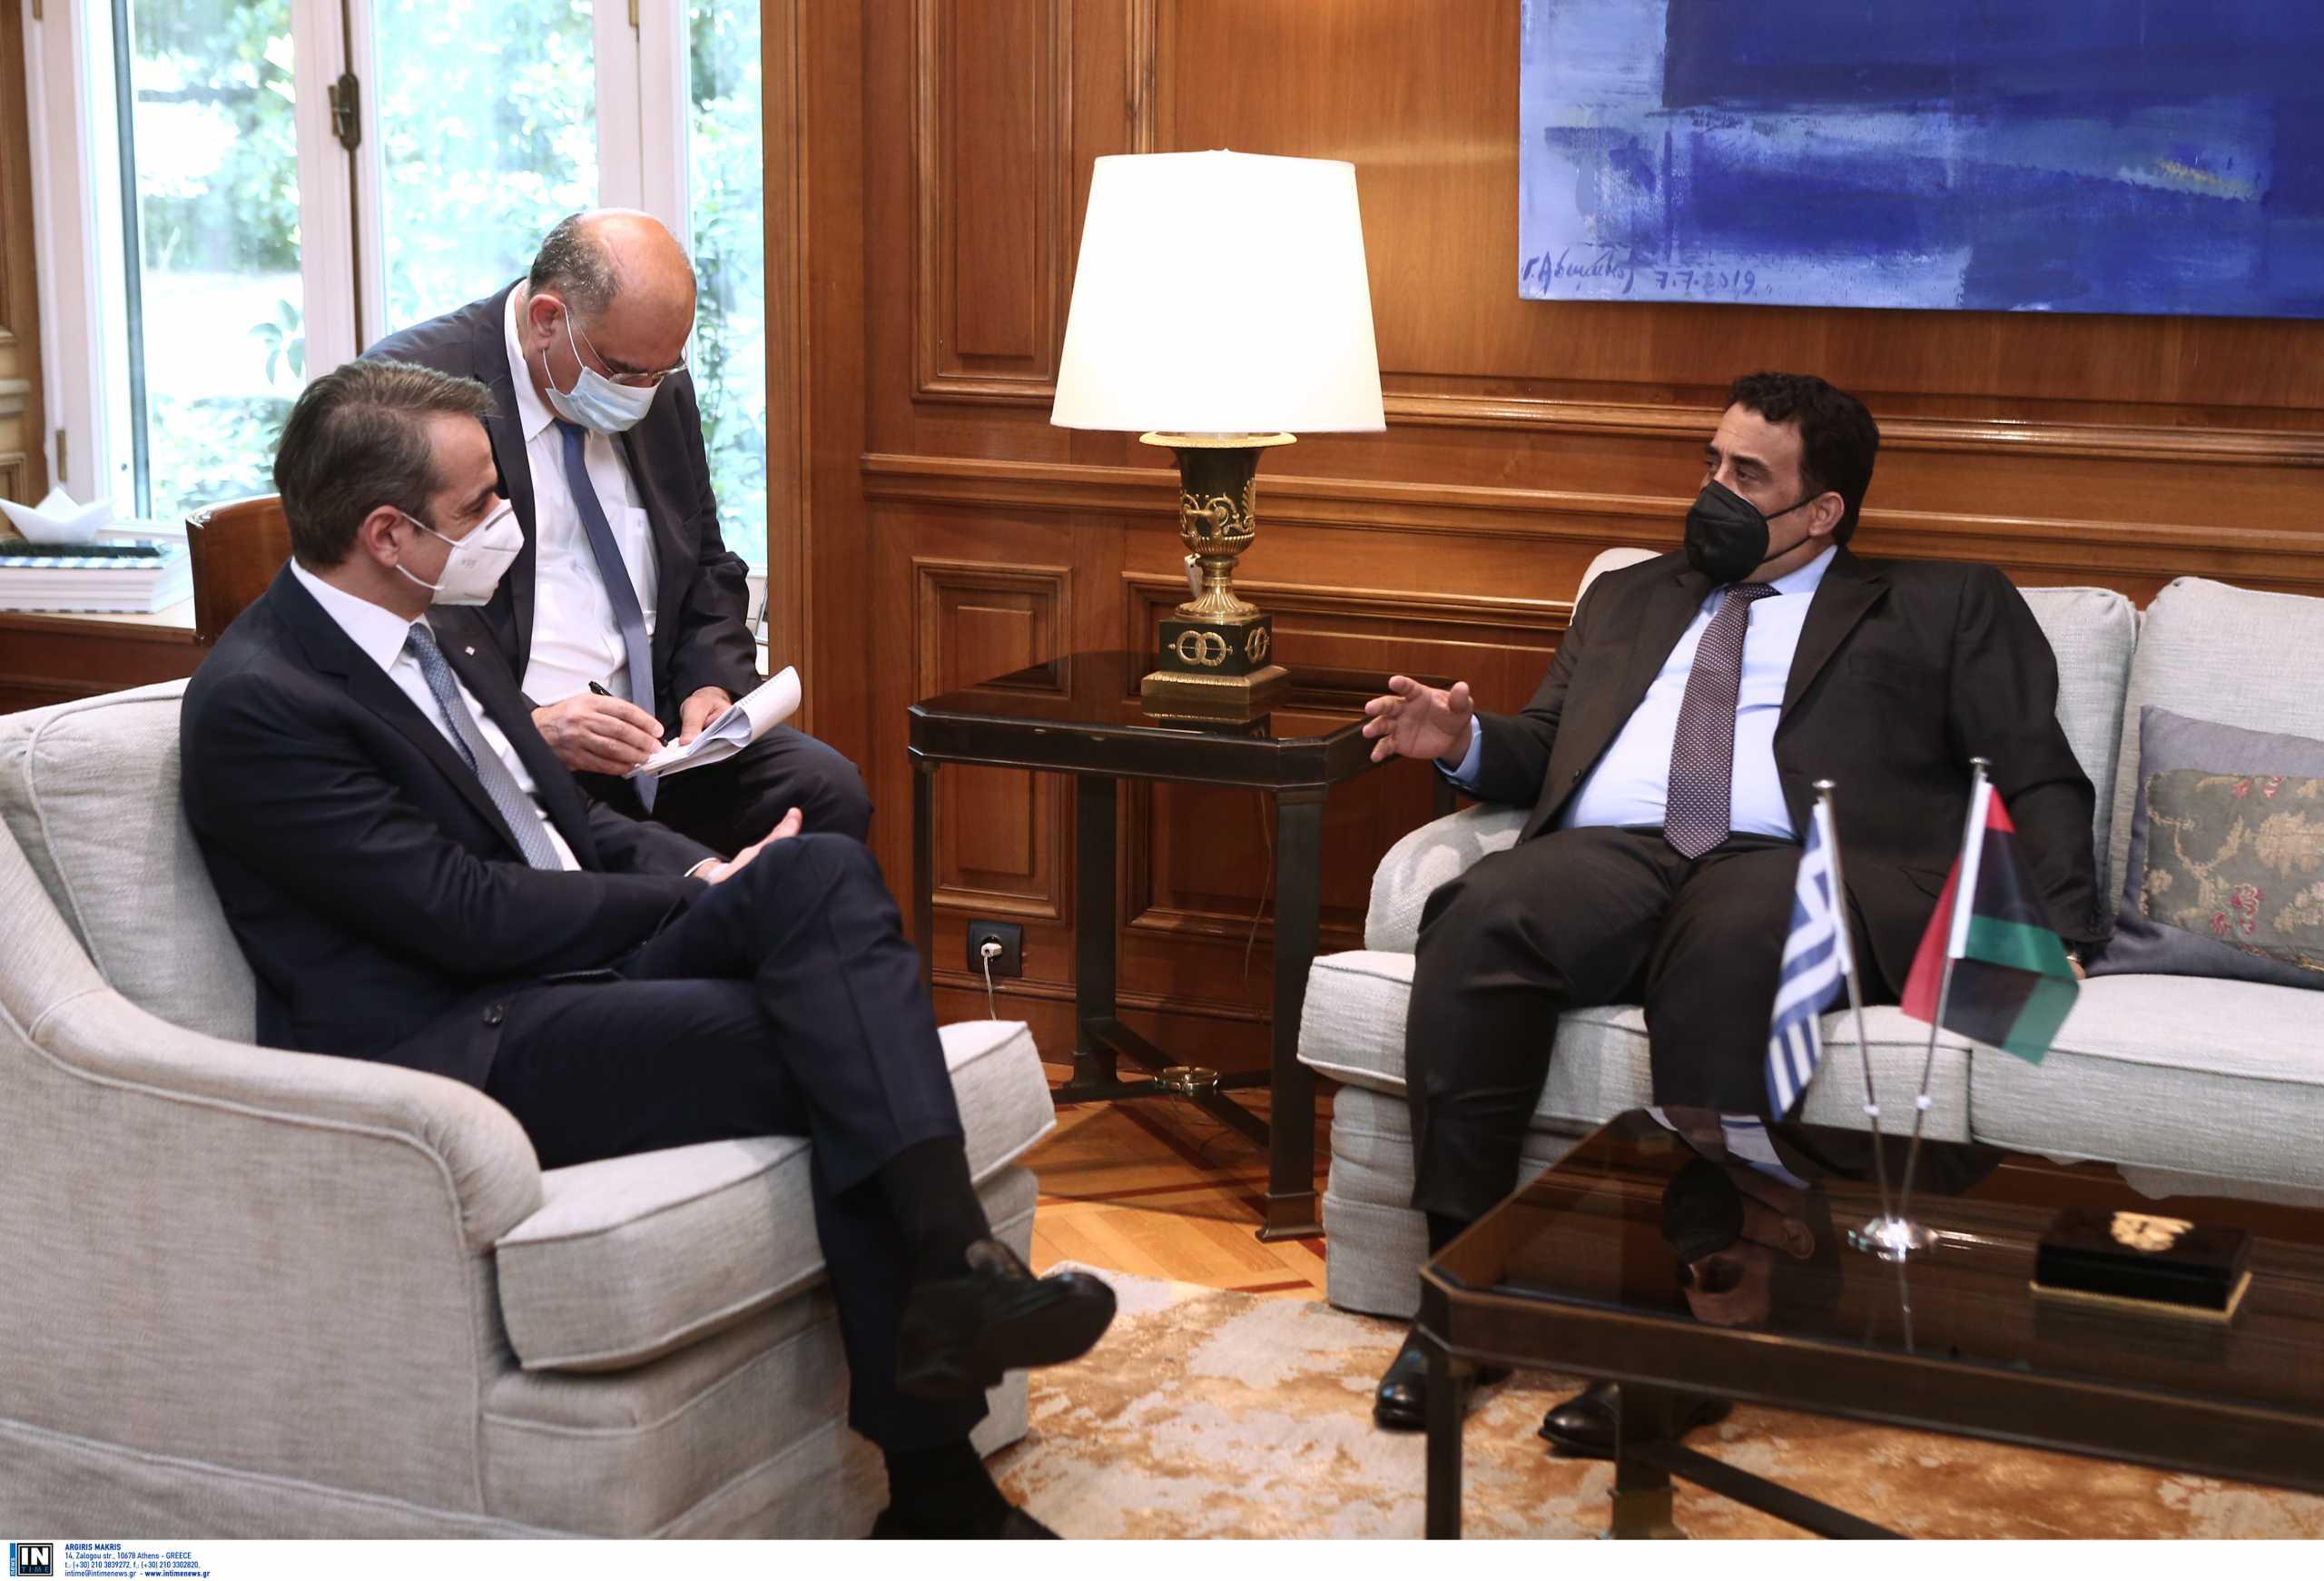 Επανεκκίνηση των συνομιλιών Ελλάδας και Λιβύης για τις θαλάσσιες ζώνες